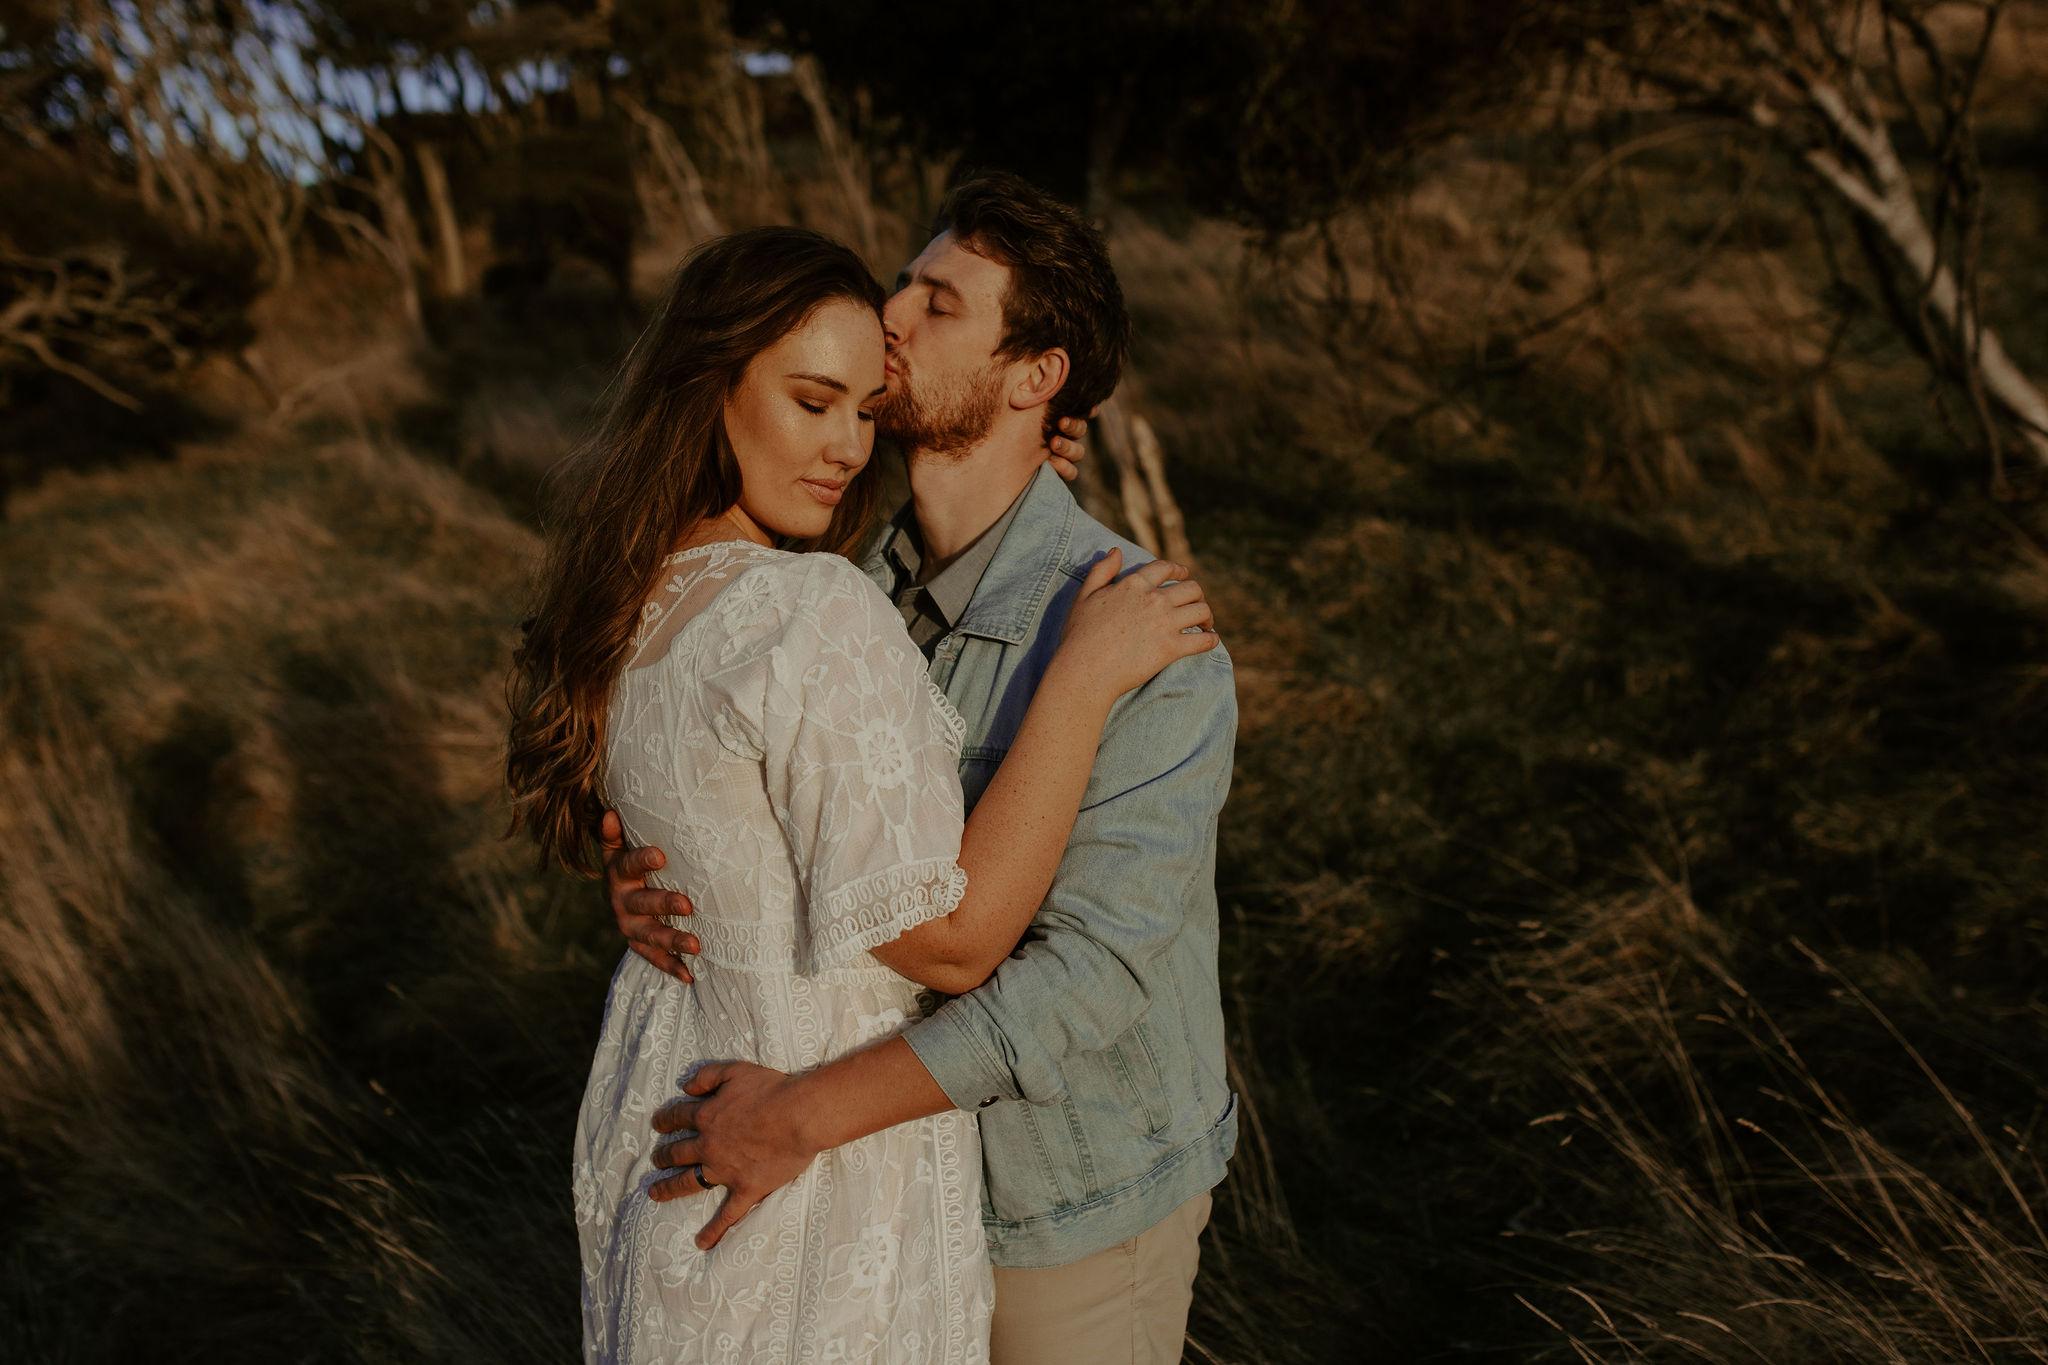 Dunedin-NewZealand-Elopement-Engagement-Photographer-Sam-Ashlie-6682.jpg